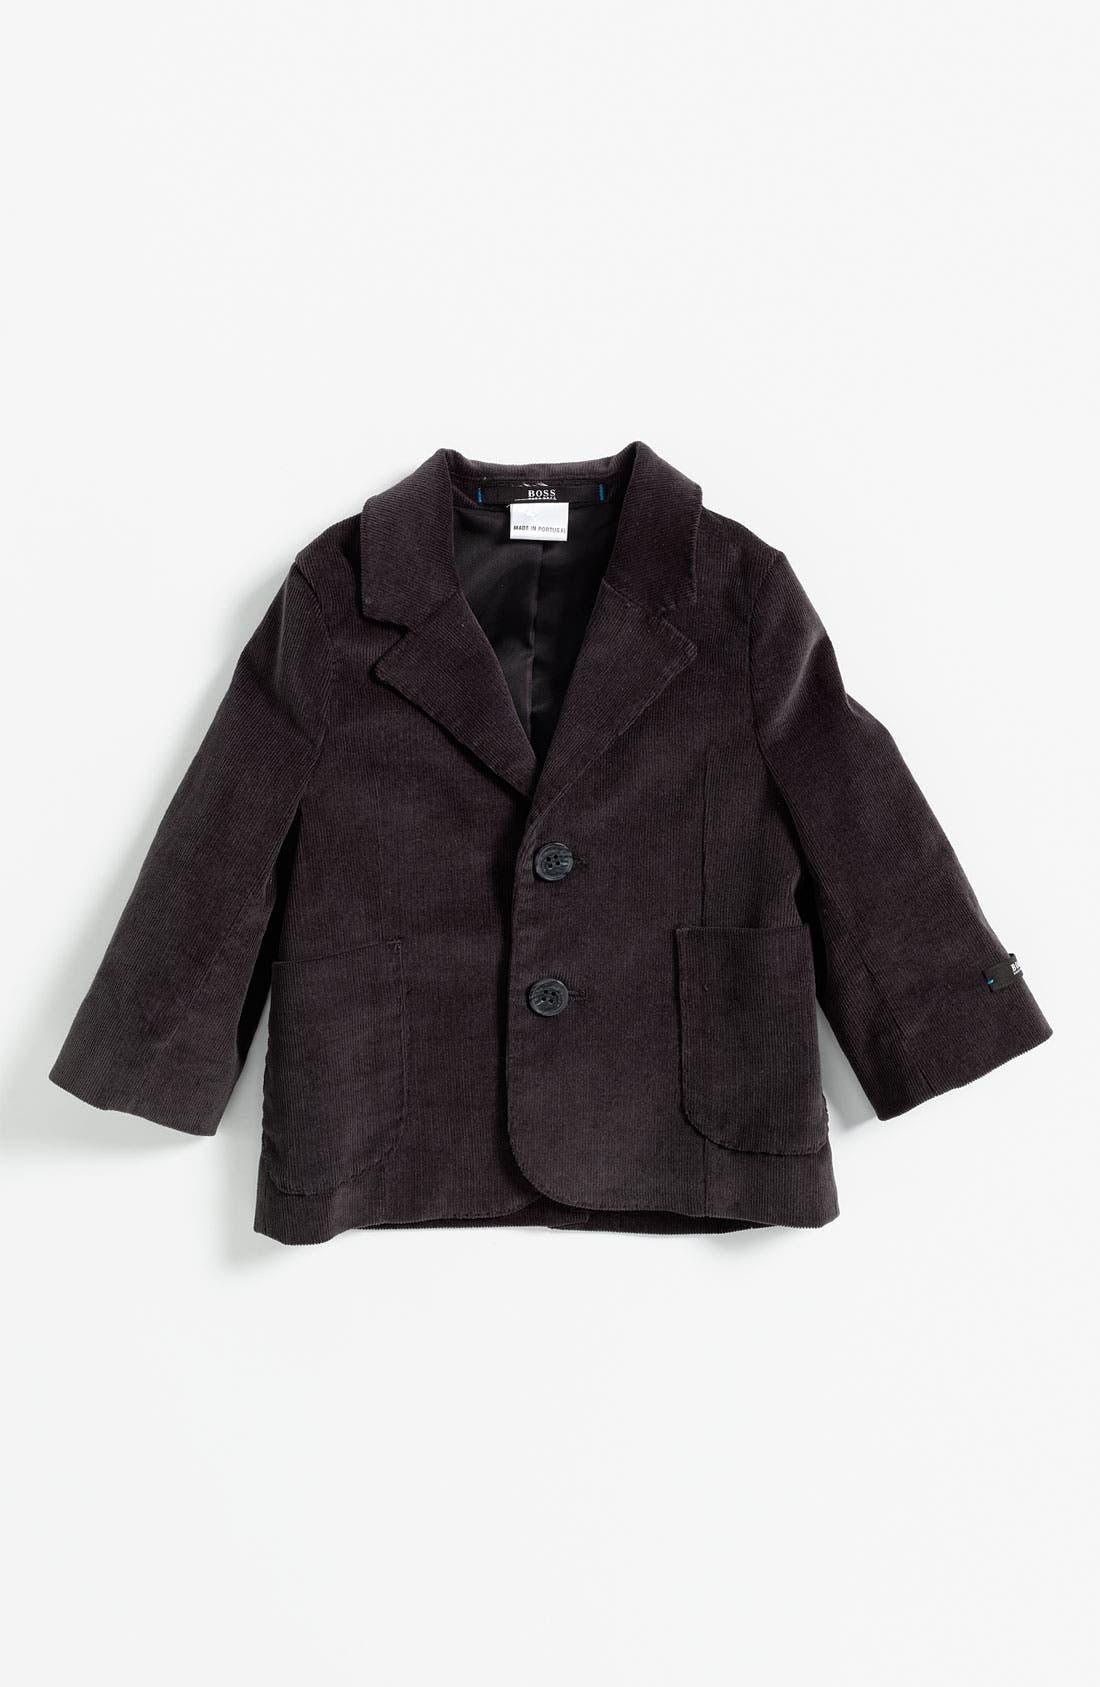 Alternate Image 1 Selected - BOSS Kidswear Velvet Jacket (Infant)